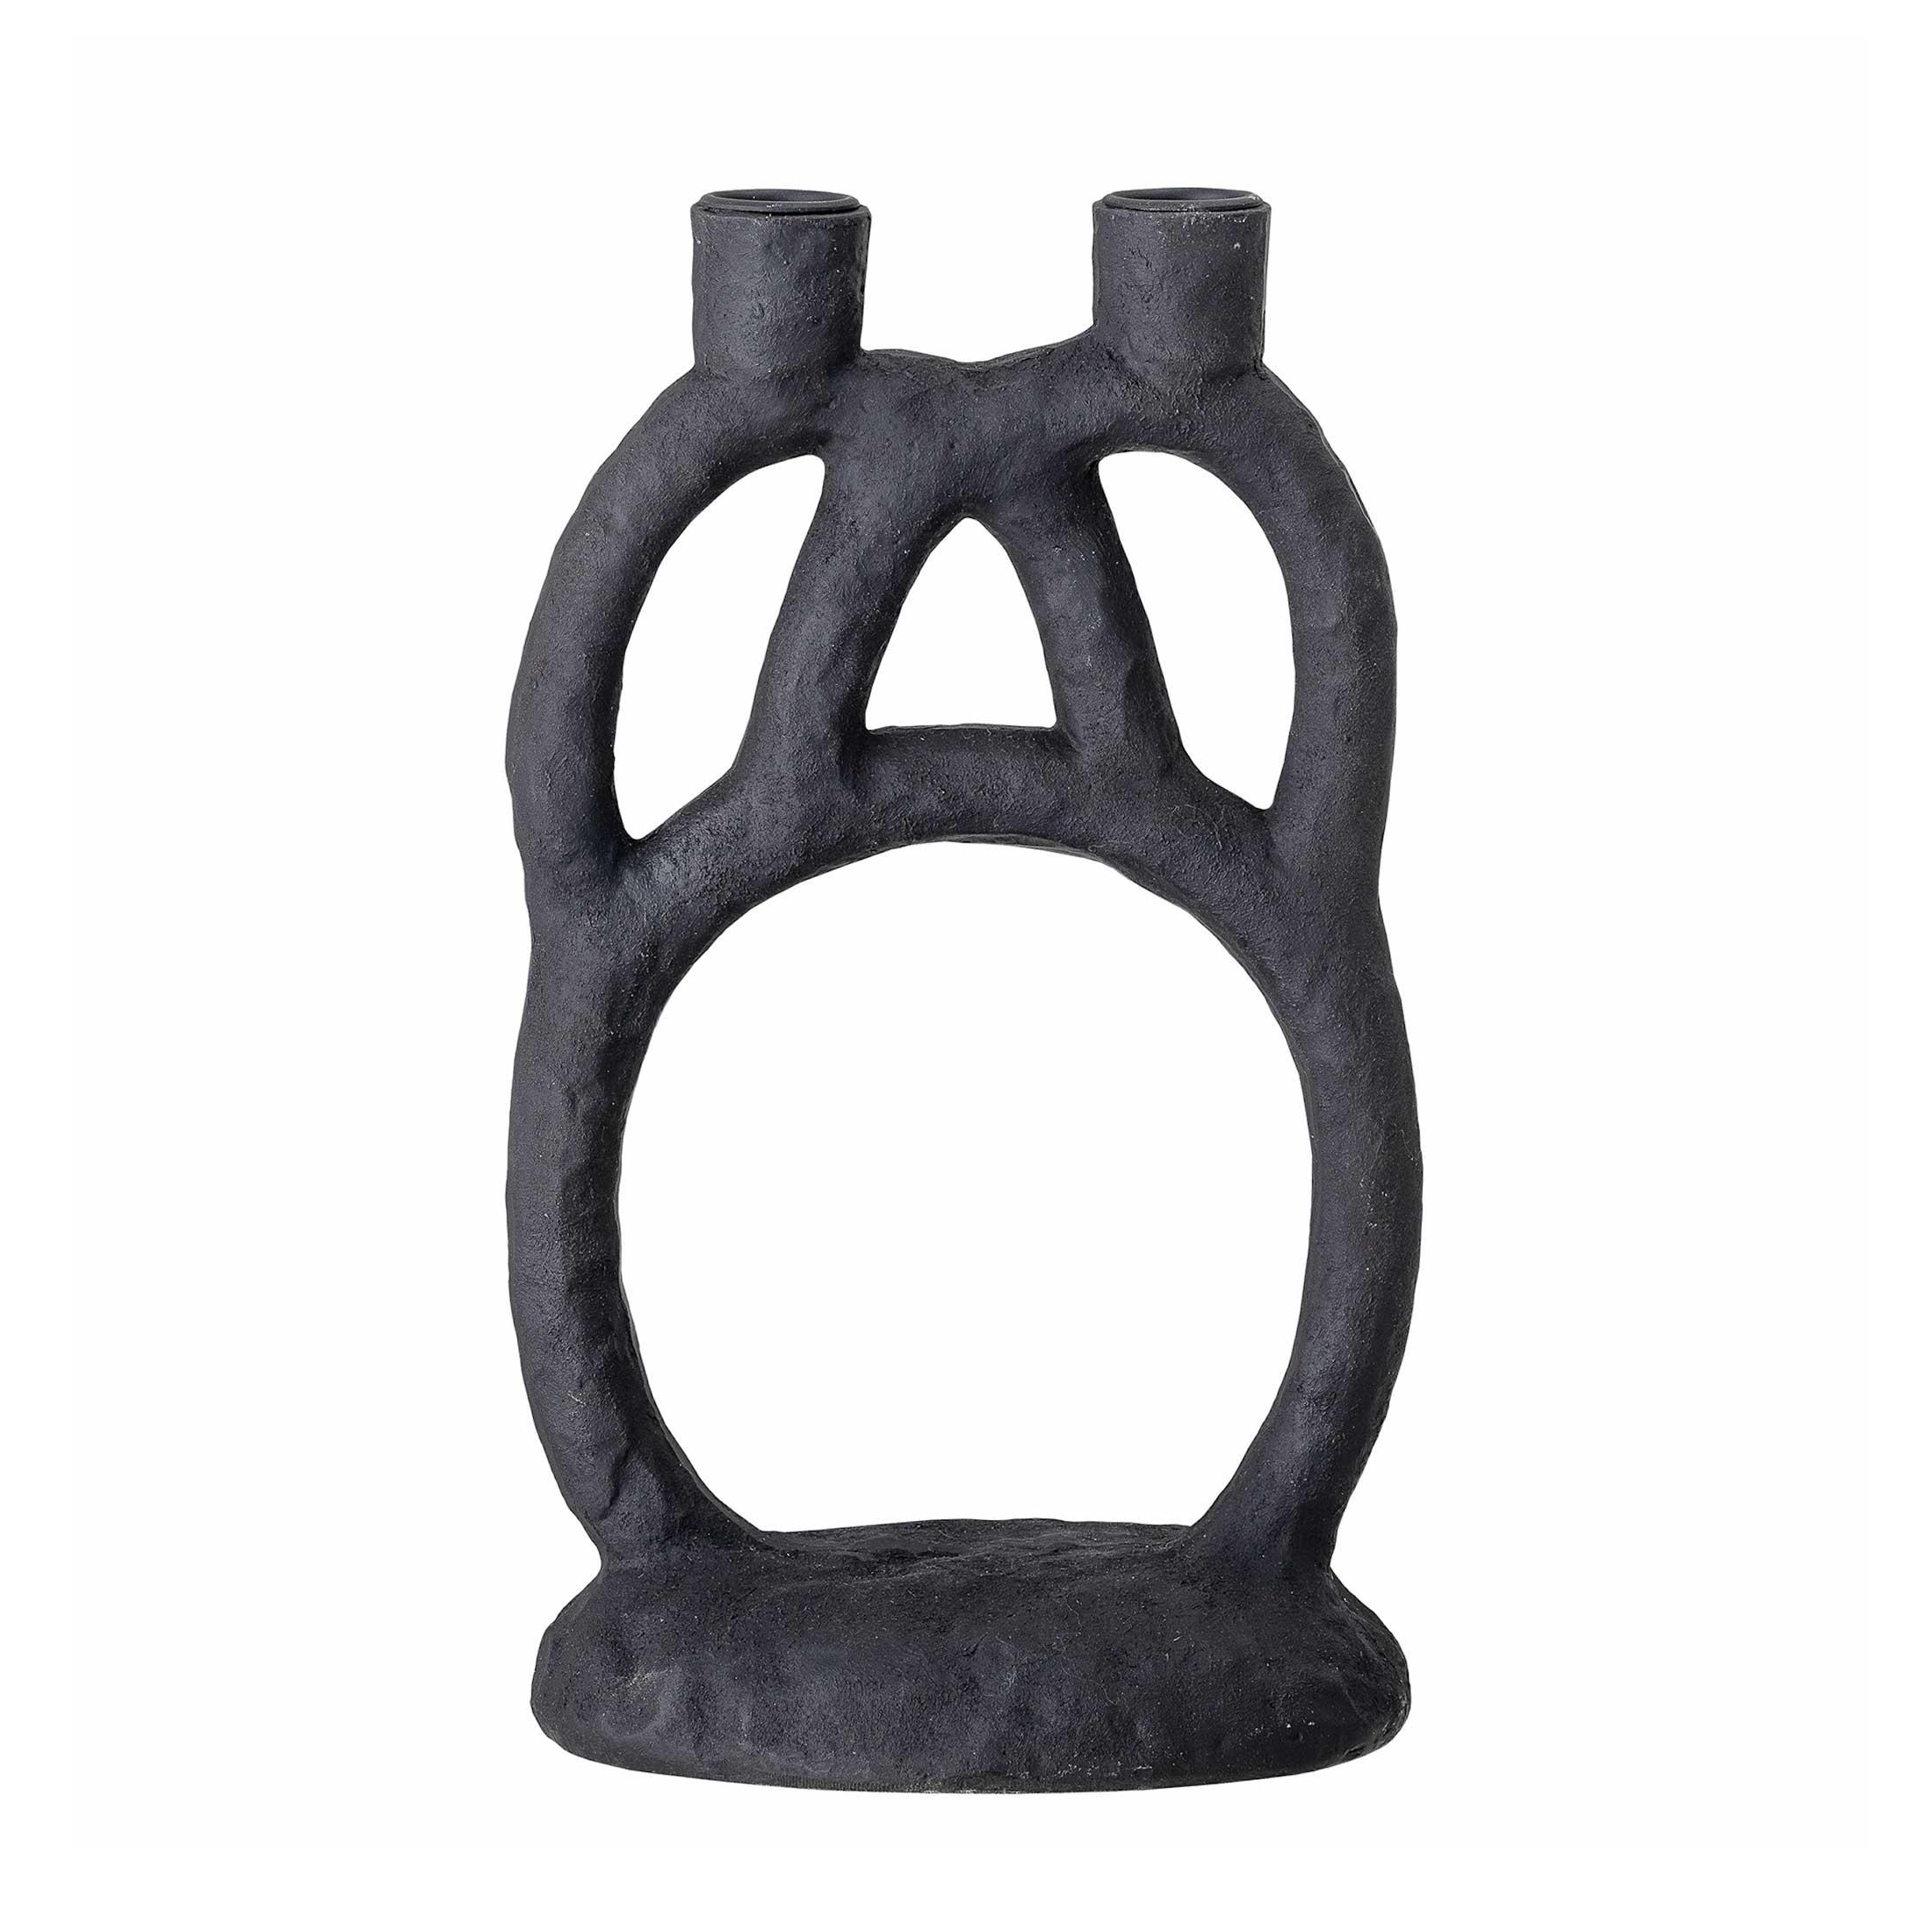 Schwarzer Kerzenhalter in verschlungener Form für 2 Kerzen ♥ eine ausgefallene Form, die 2 Kerzen trägt ♥ Schwarzen Kerzenhalter Online kaufen bei Soulbirdee Onlineshop